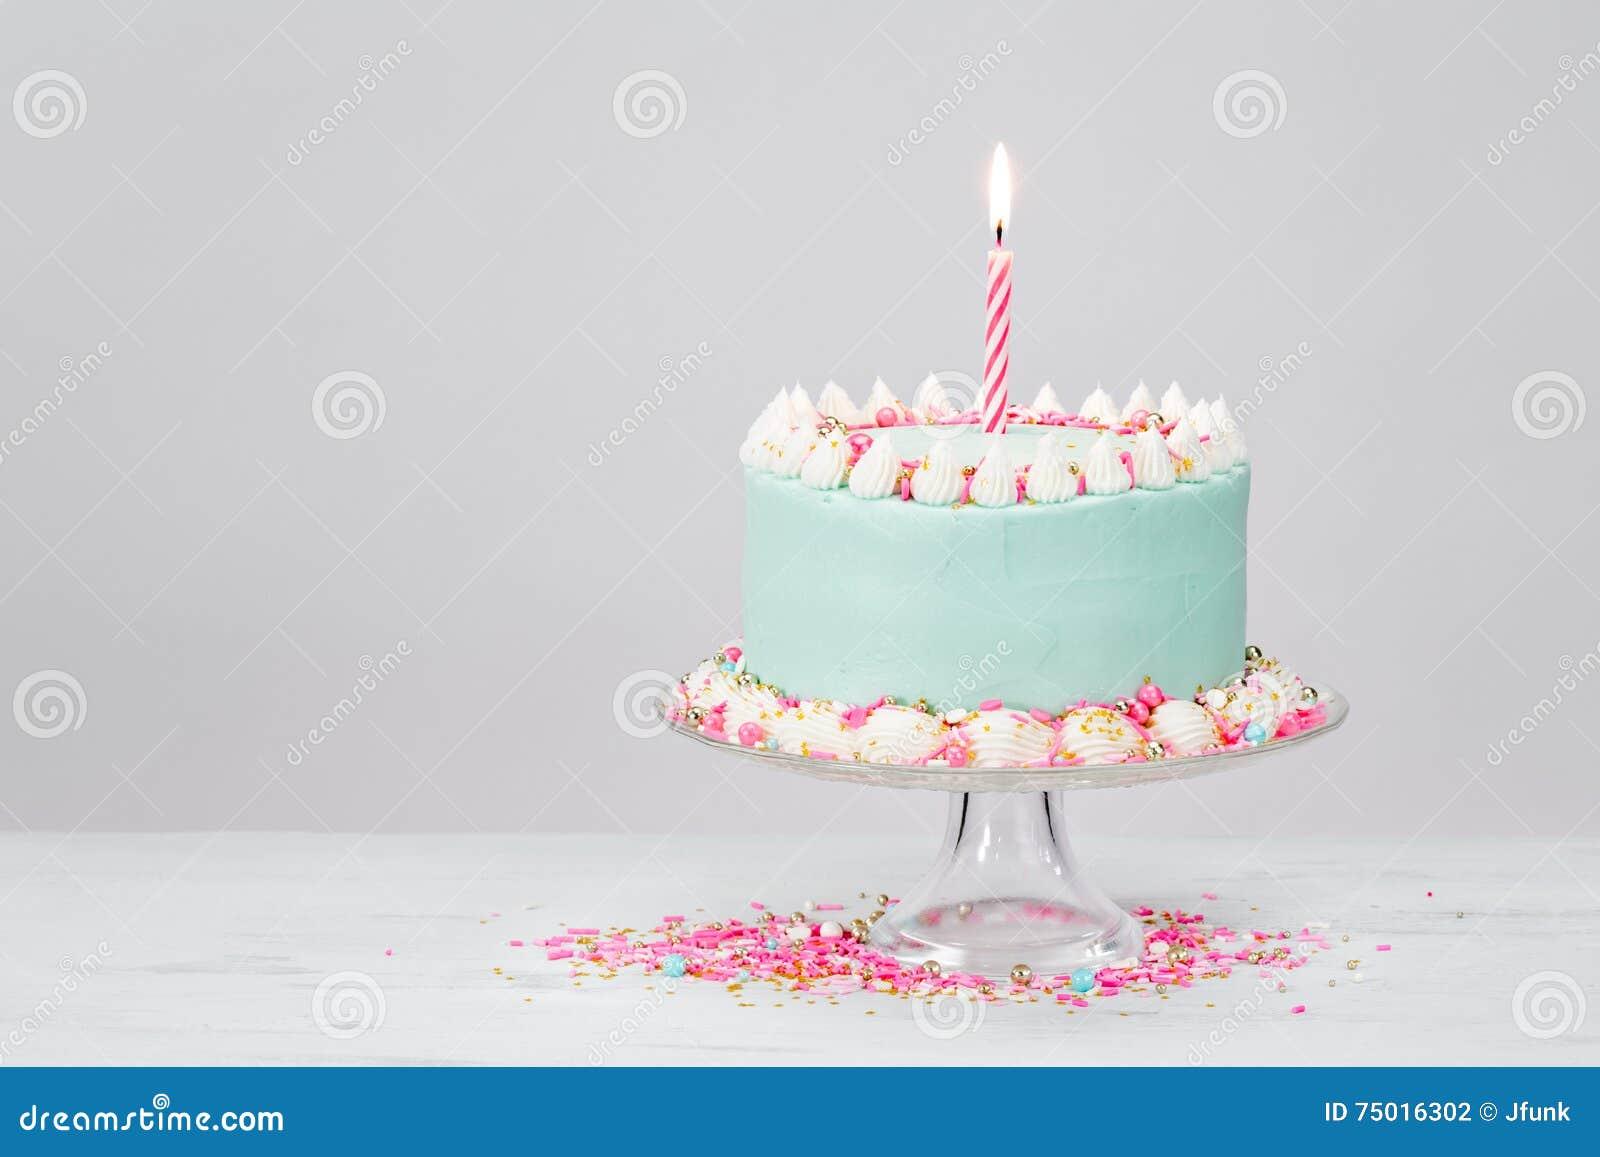 Torta de cumpleaños azul en colores pastel sobre el fondo blanco